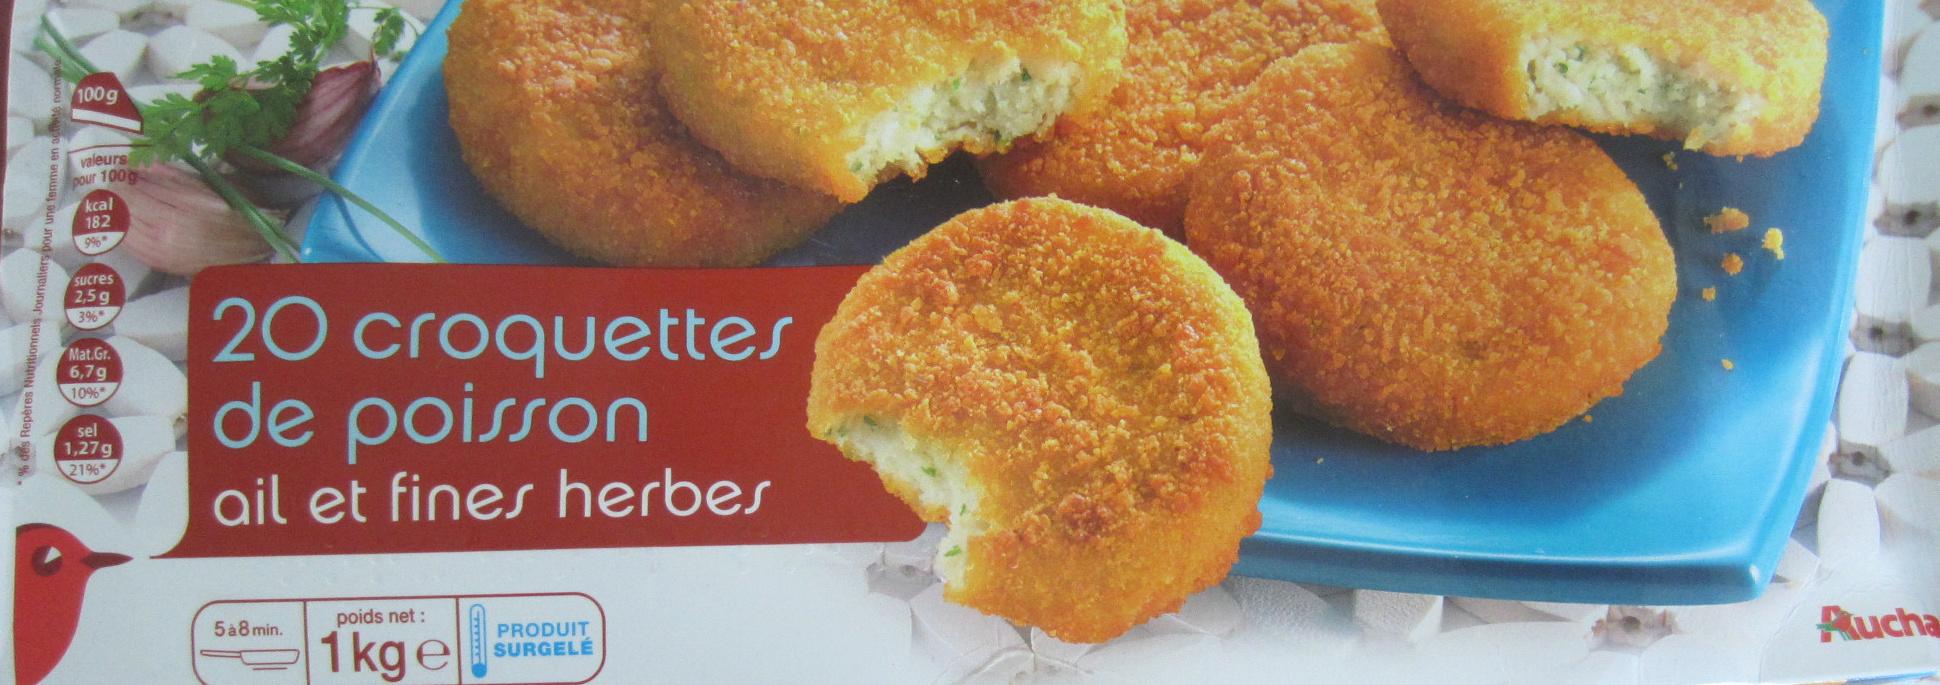 20 croquettes de poisson ail et fines herbes - 1 kg - Auchan - Product